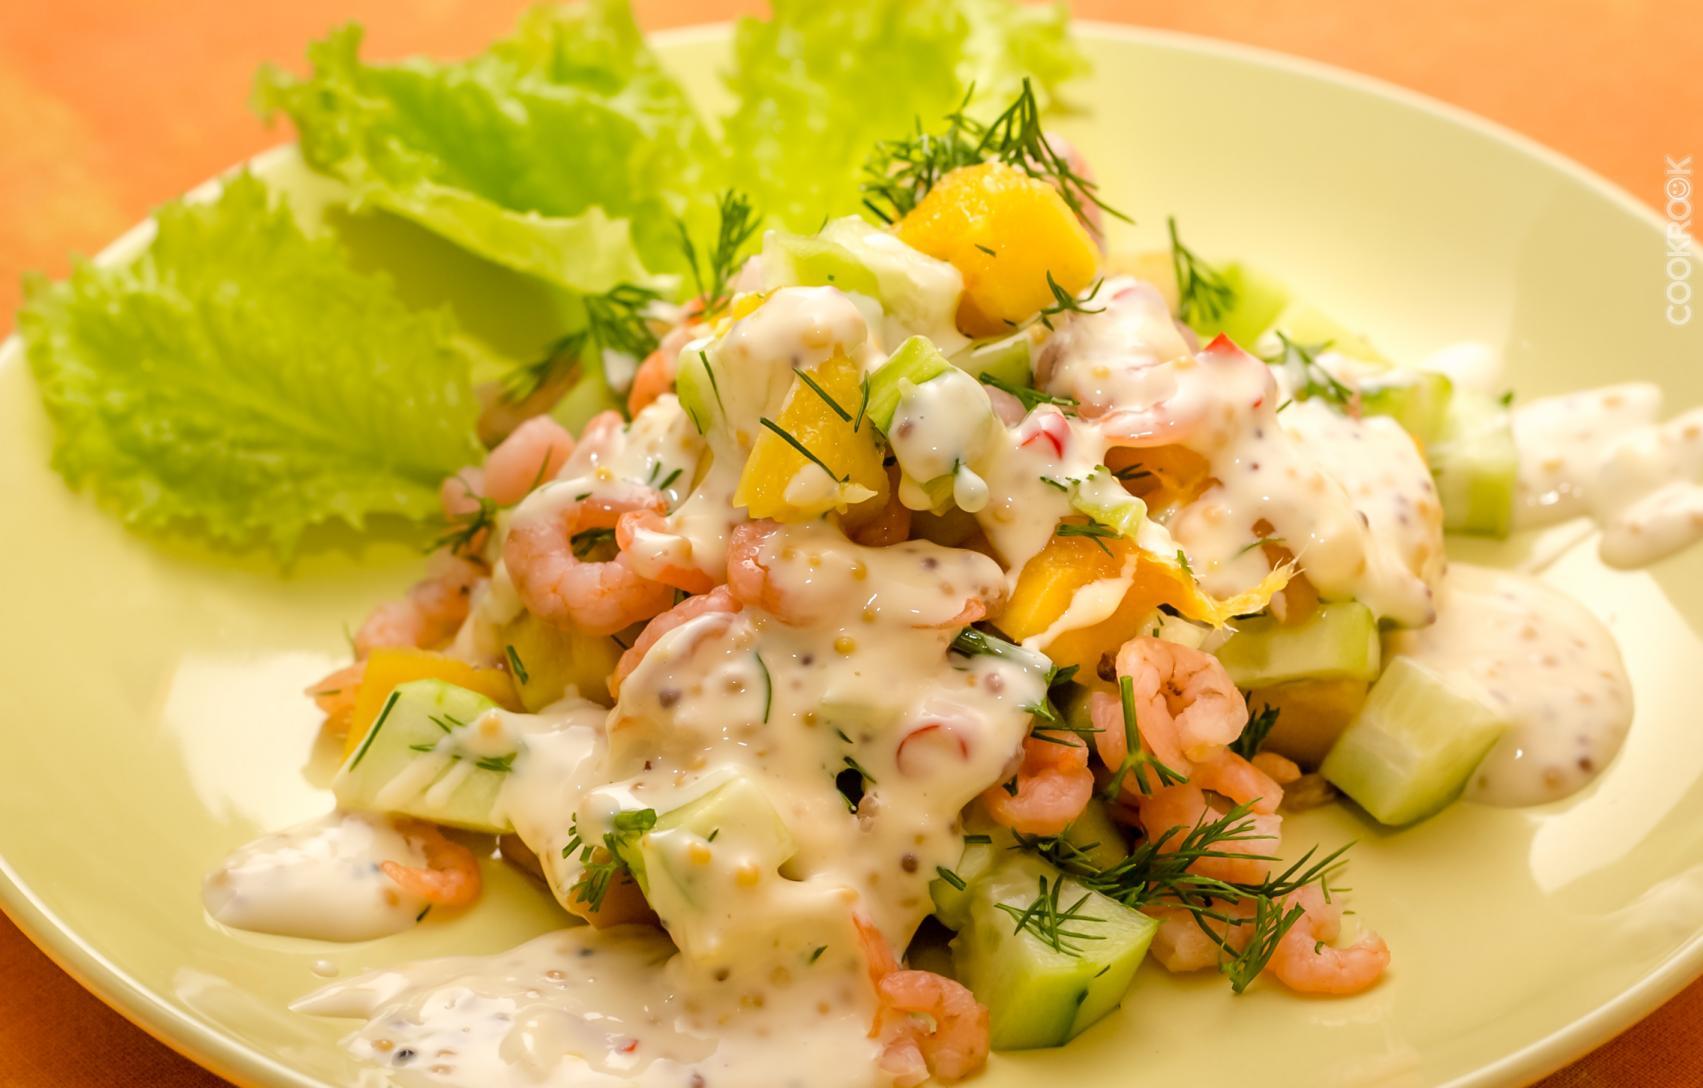 Салат с кальмарами креветками и яйцом новые фото